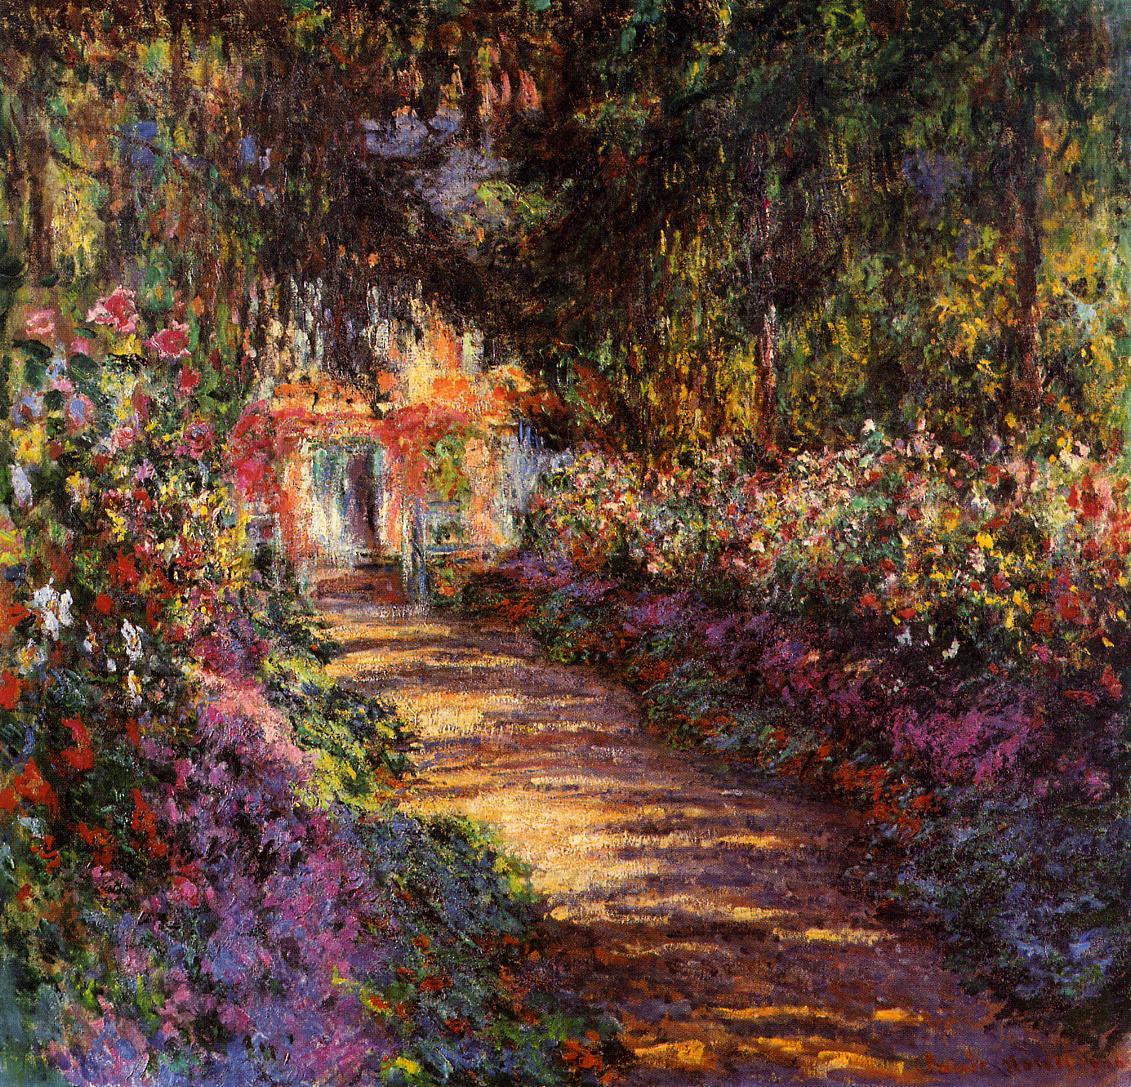 Клод Моне. Дорожка в саду художника. 1902